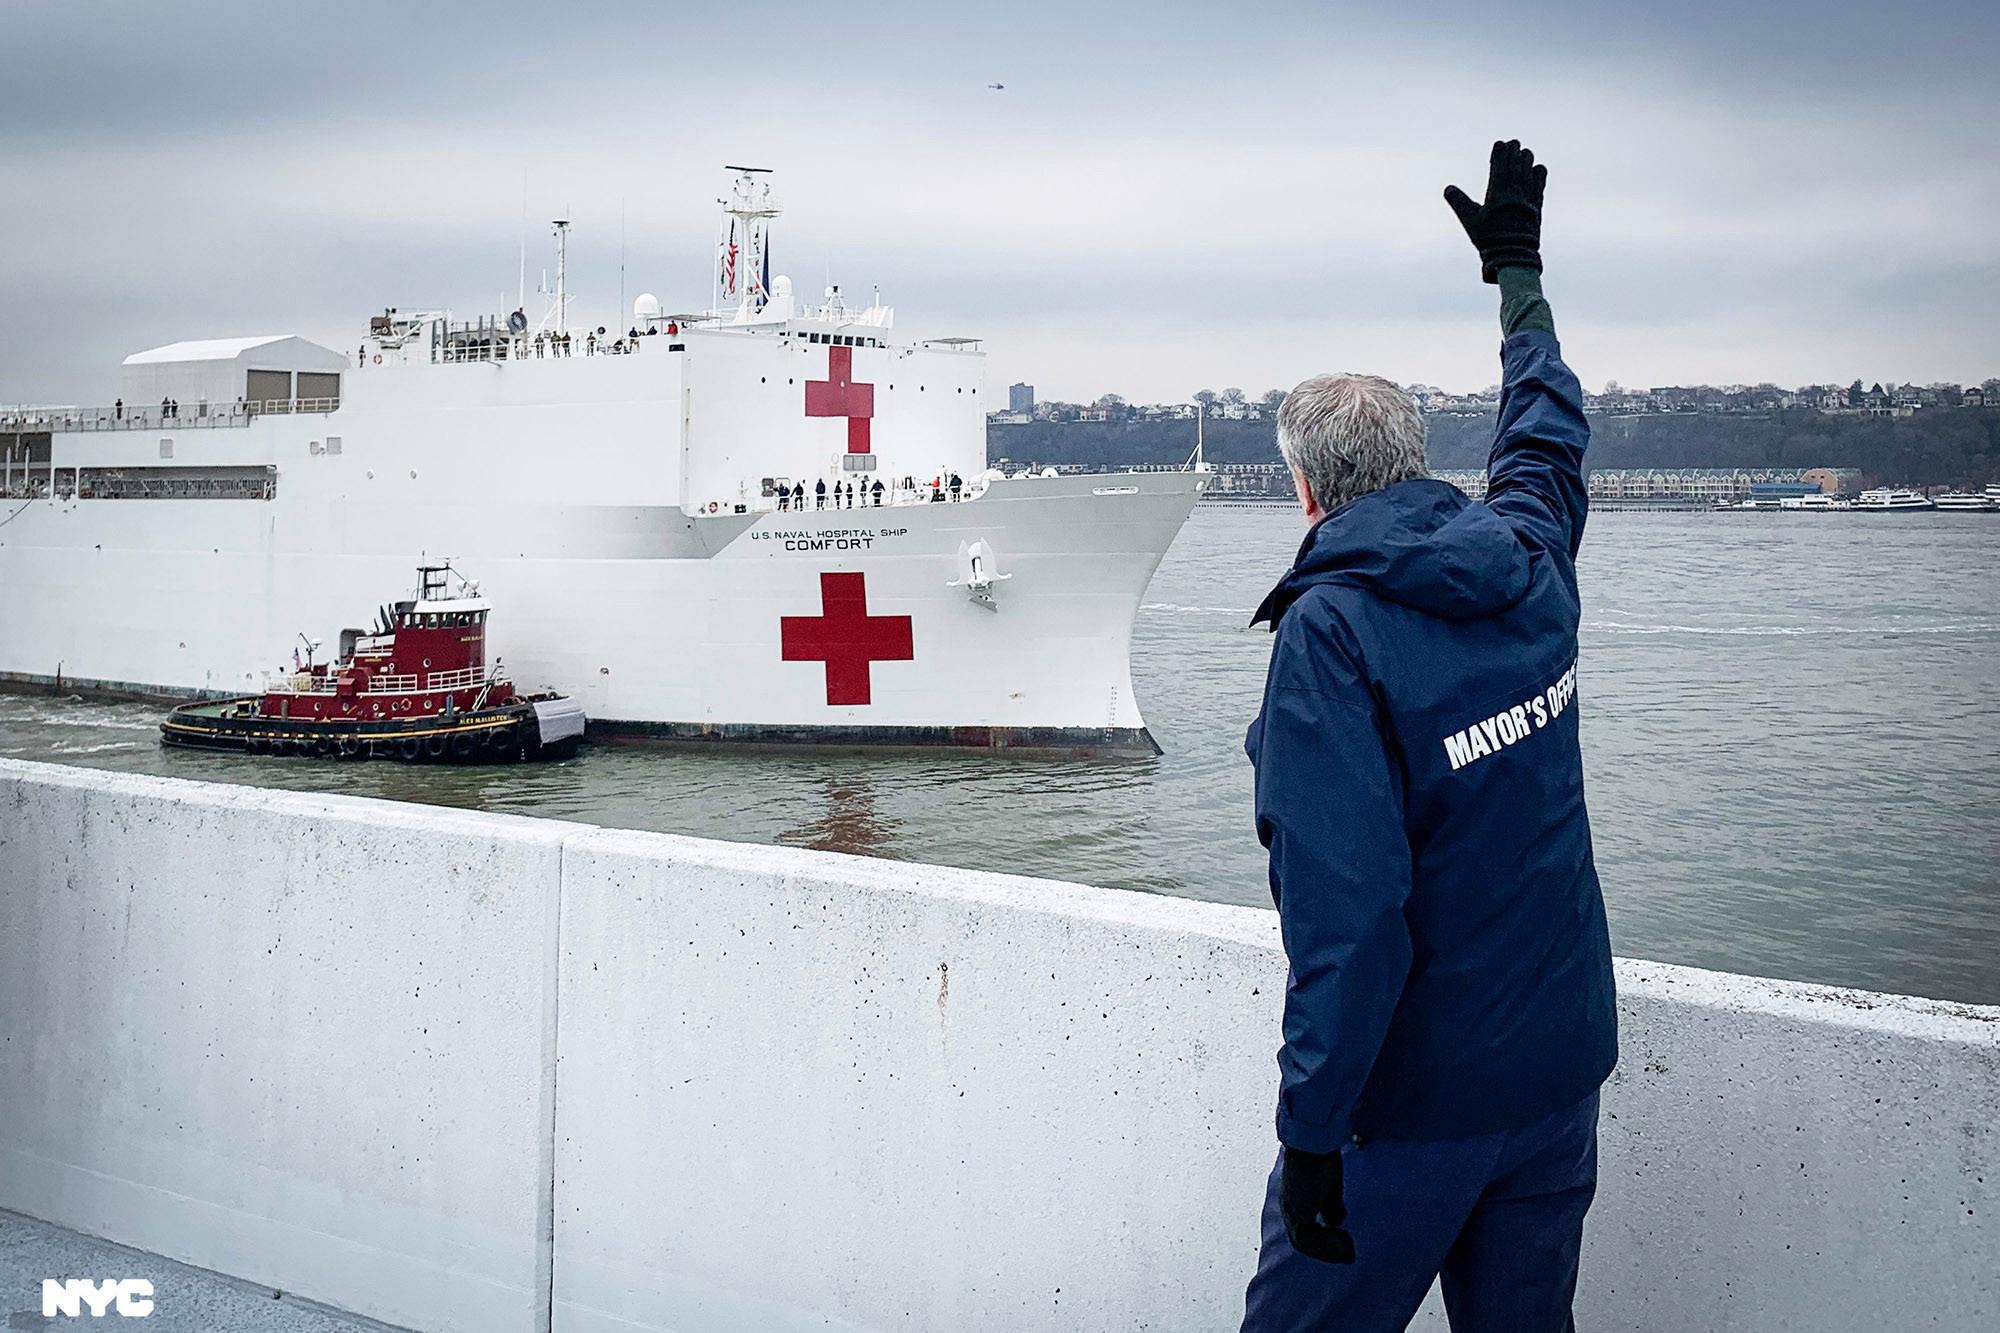 New York chào đón chuyến tàu bệnh viện với tiếng reo hò, số người tử vong ở Mỹ vượt 3.000 - Ảnh 2.